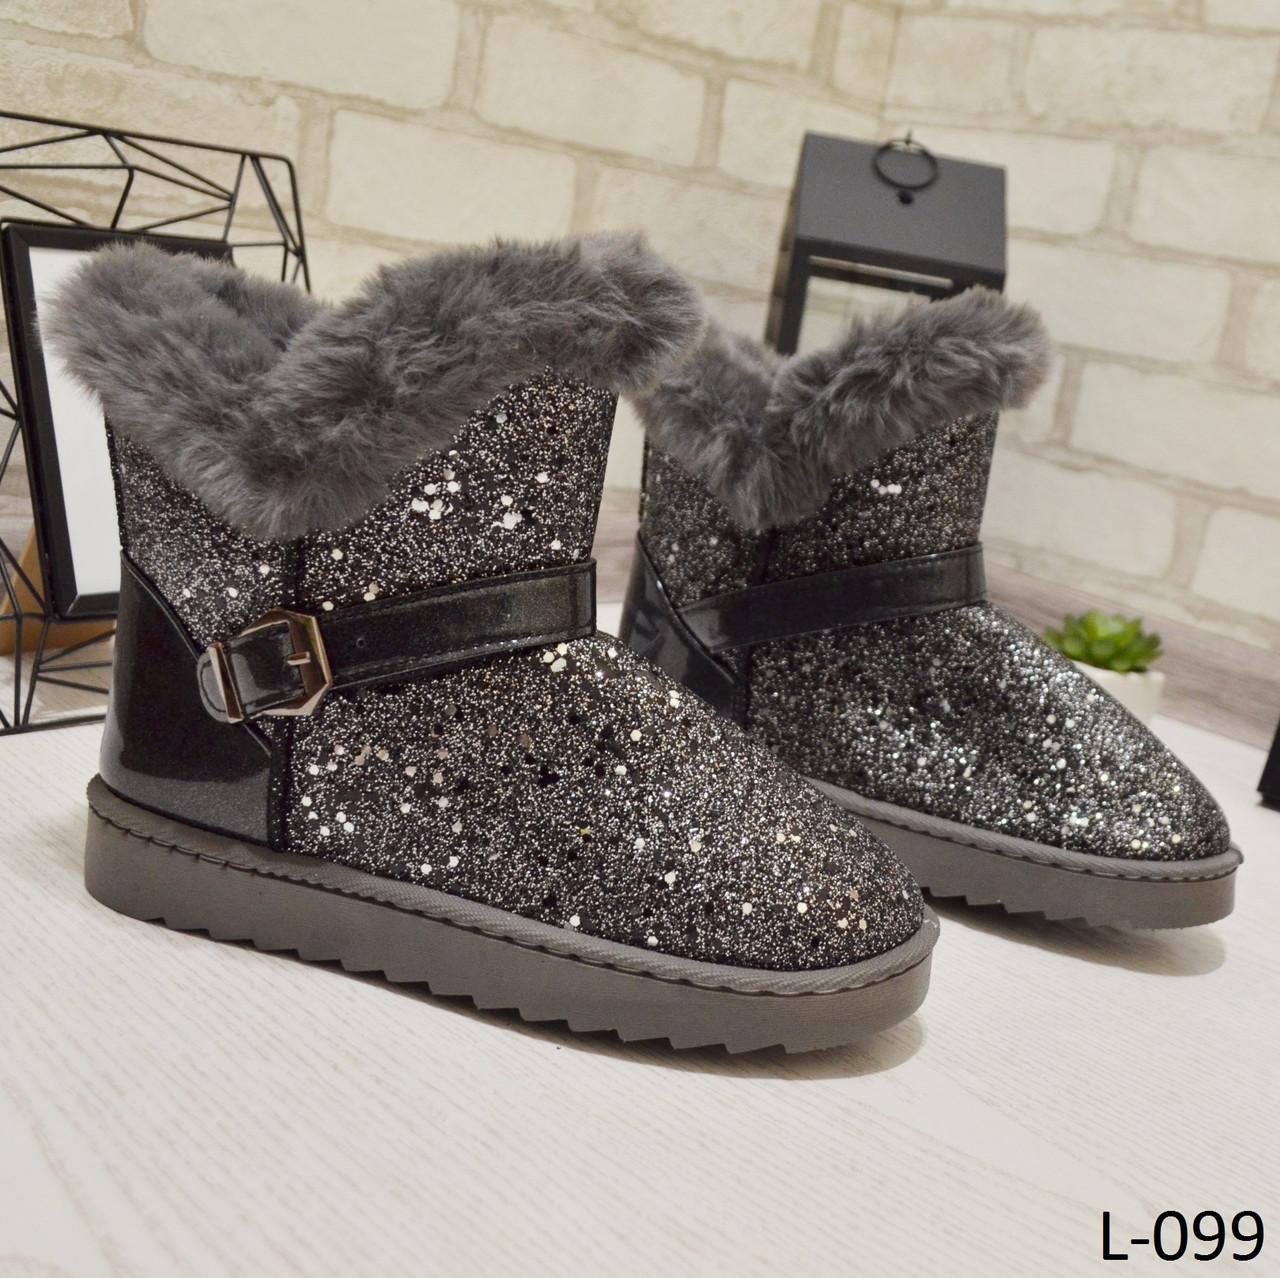 c9b738e79 Угги женские с опушкой серые 38 размер, женская зимняя обувь ...